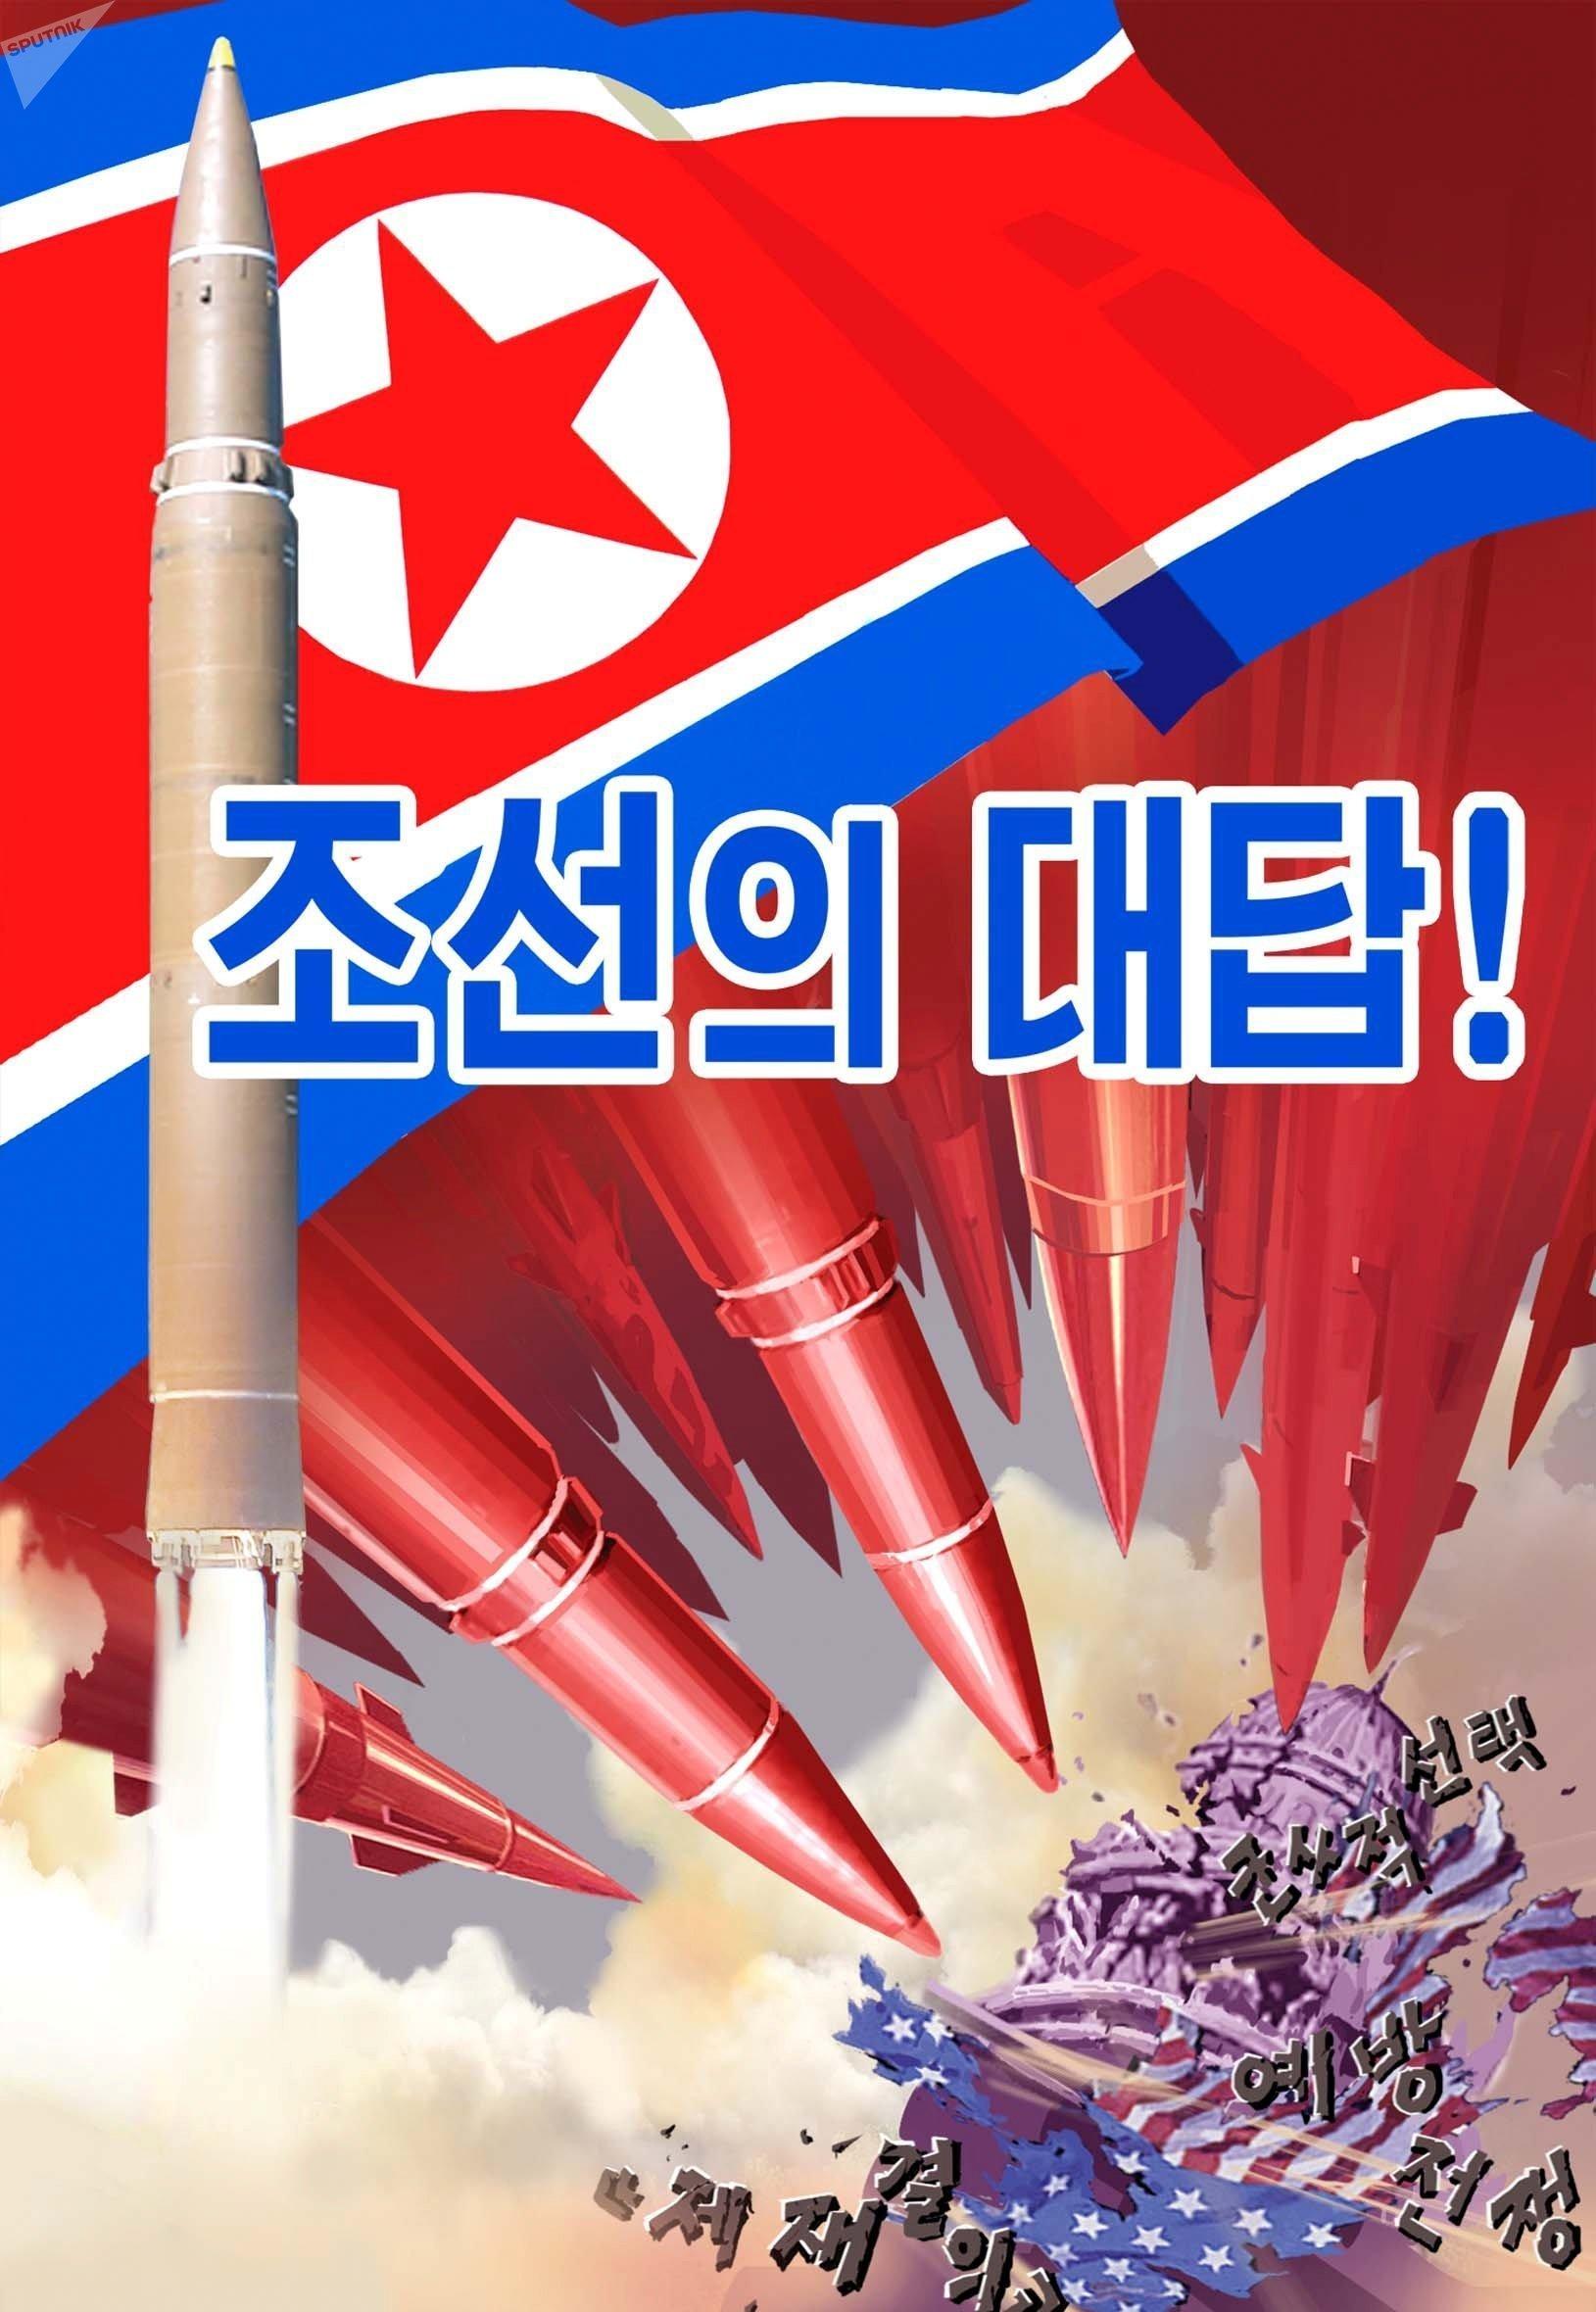 L'affiche politique nord-coréenne «La réponse de la Corée!»